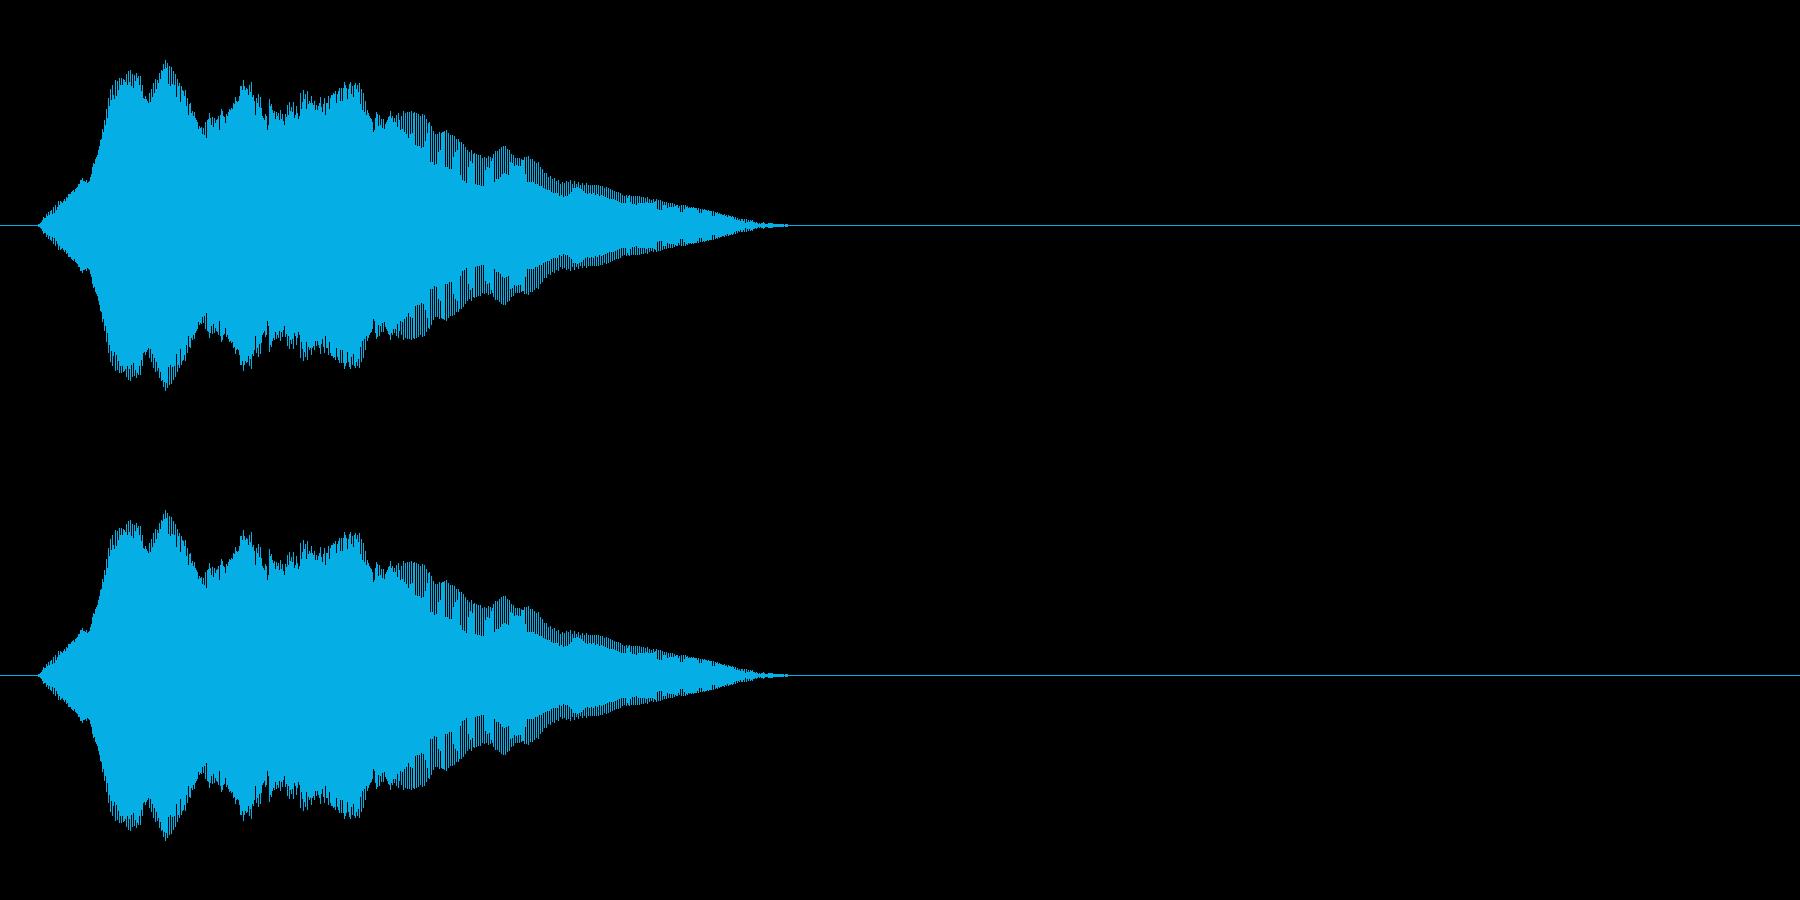 にゃーん(猫の鳴き声)パート05の再生済みの波形